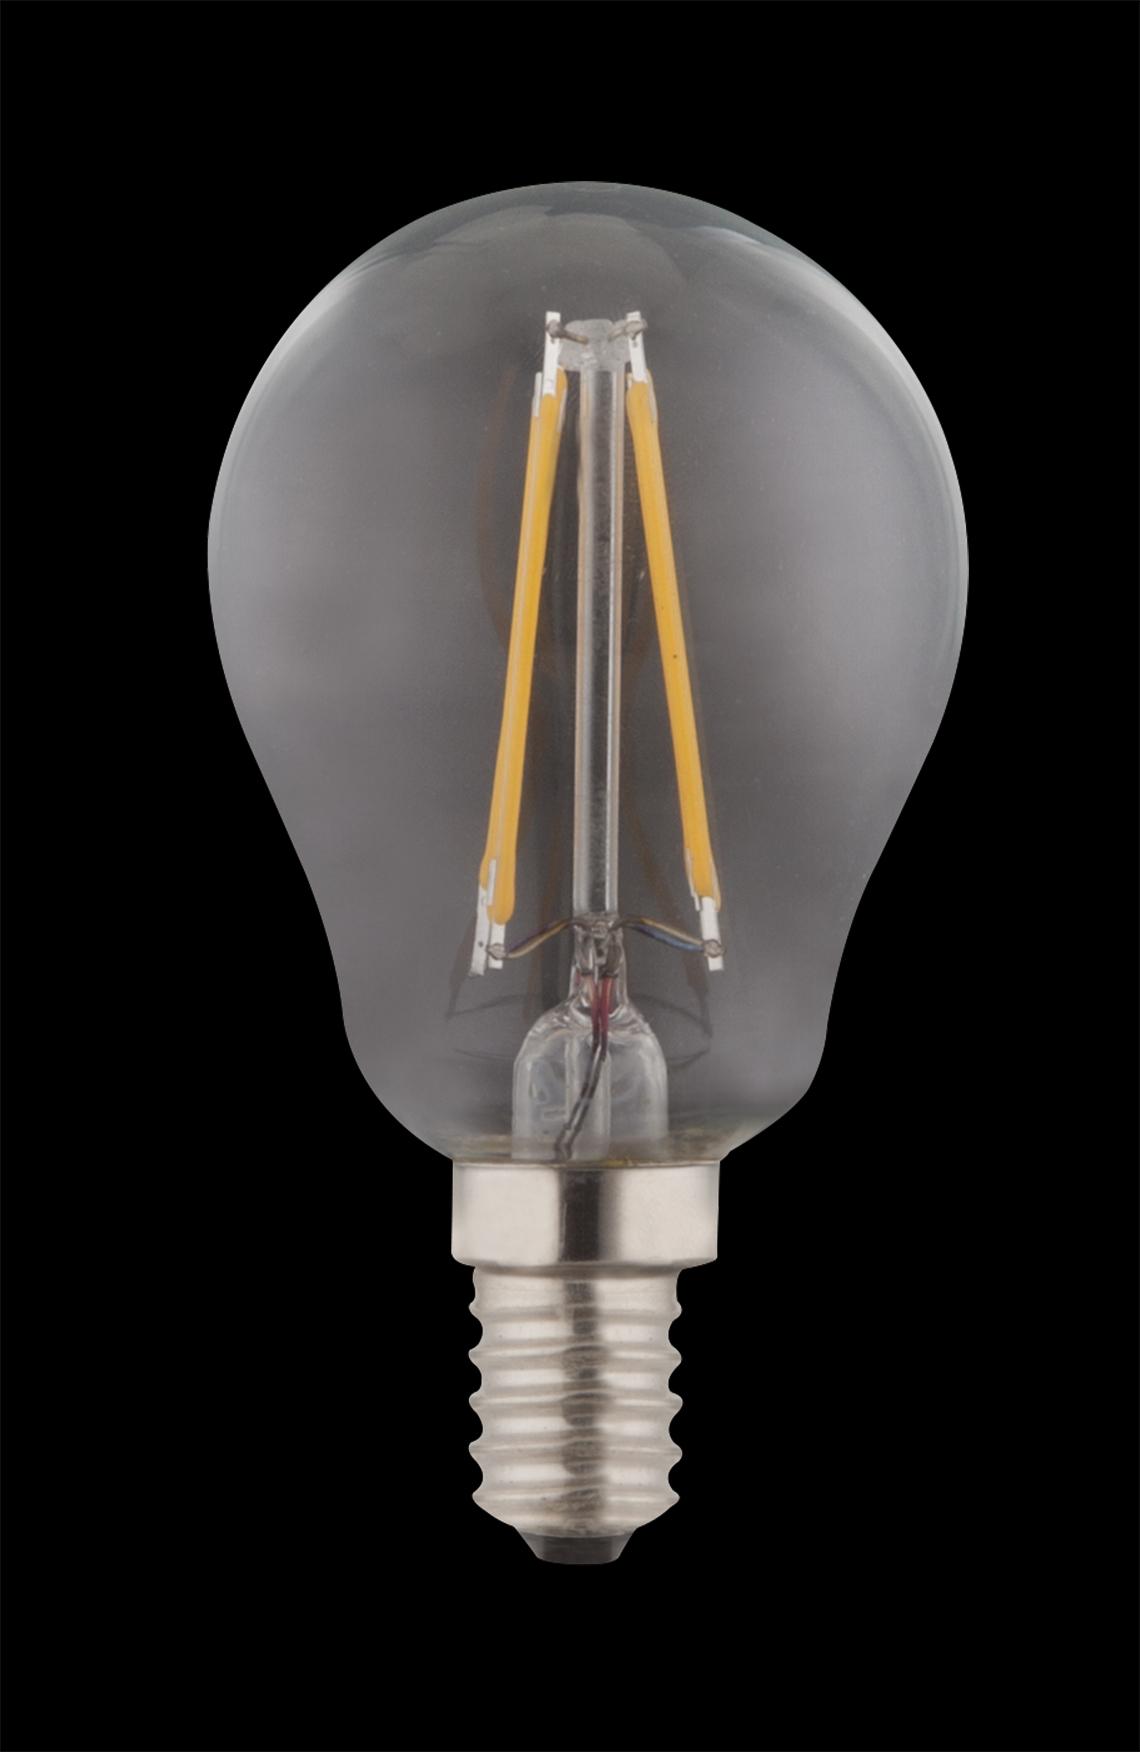 led leuchtmittel e14 illu 4w 395lm 3000k leuchtmittel. Black Bedroom Furniture Sets. Home Design Ideas